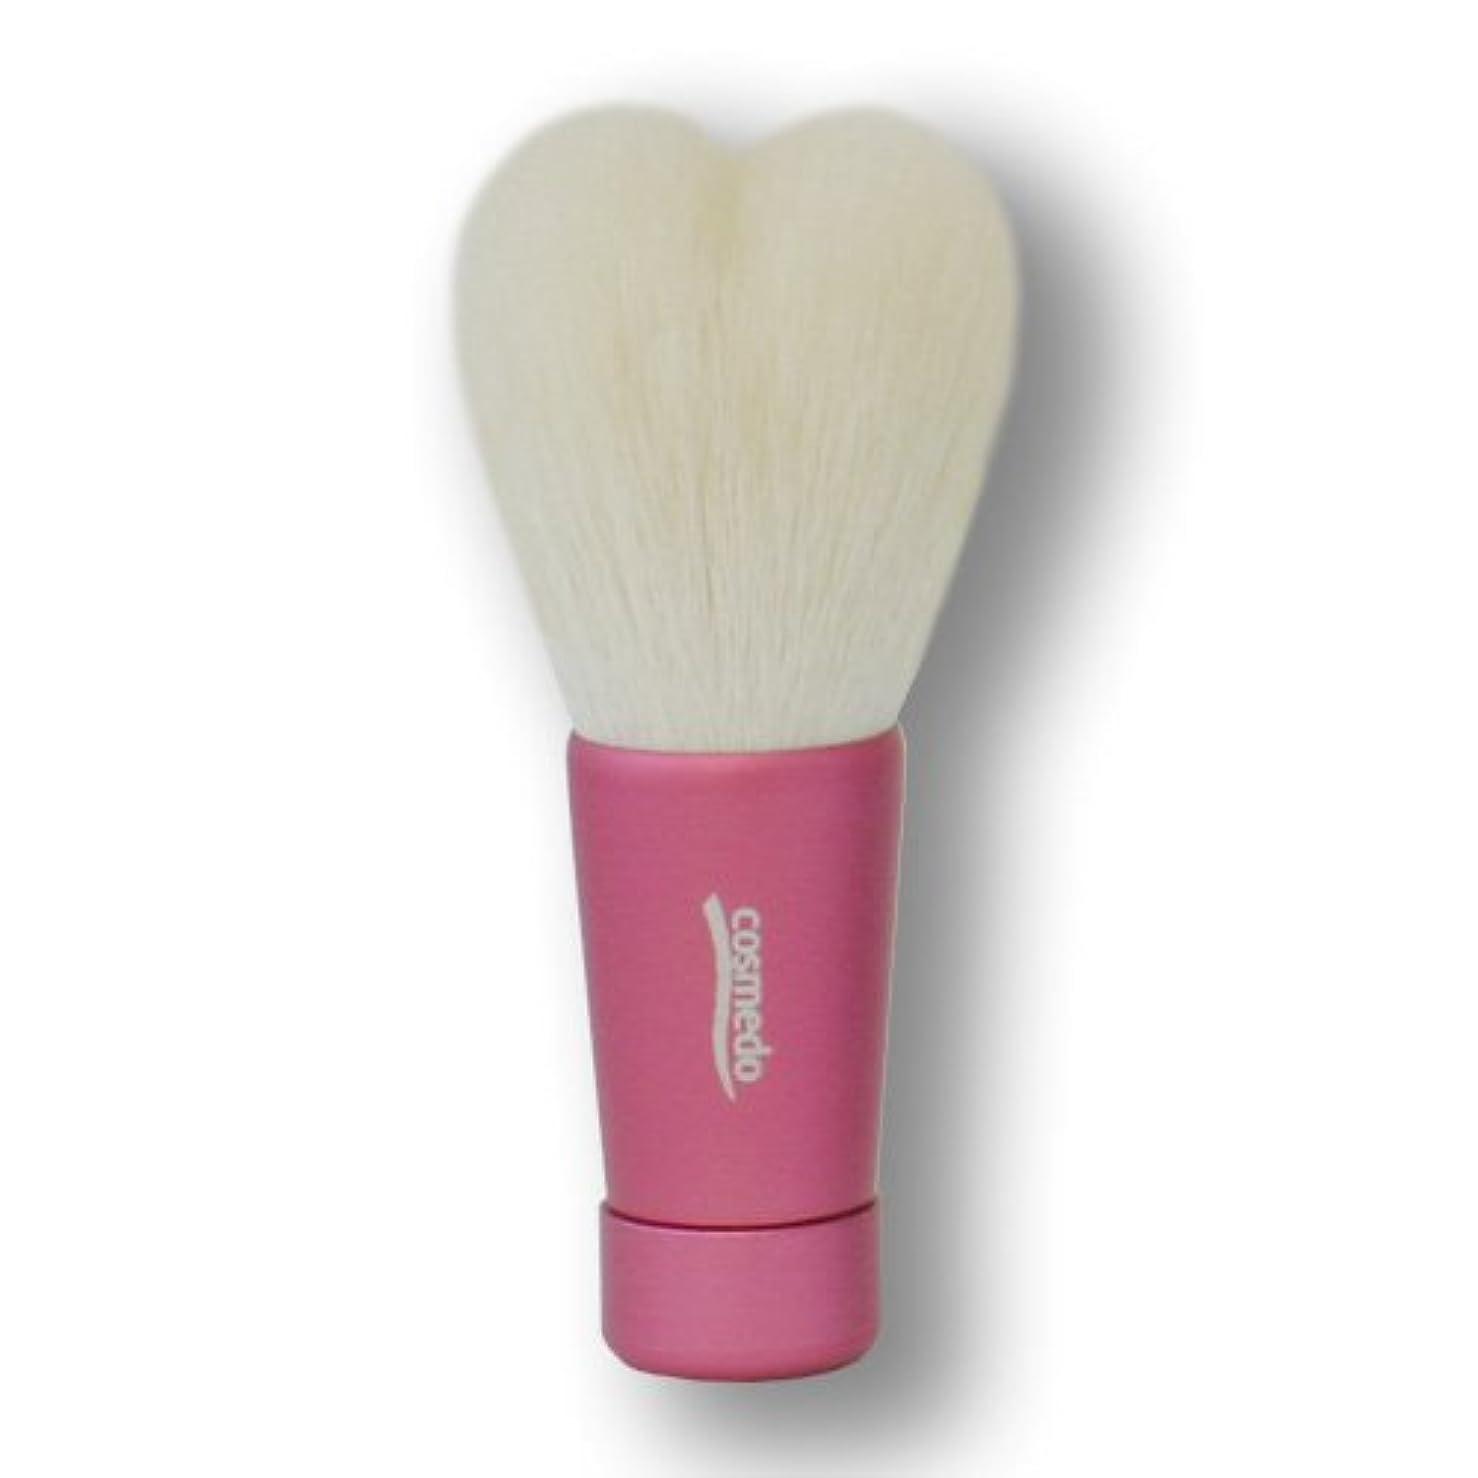 ラリーキャンセルオッズ匠の化粧筆コスメ堂 熊野筆 ハート型 洗顔ブラシ Mサイズ ピンク (全長80mm)